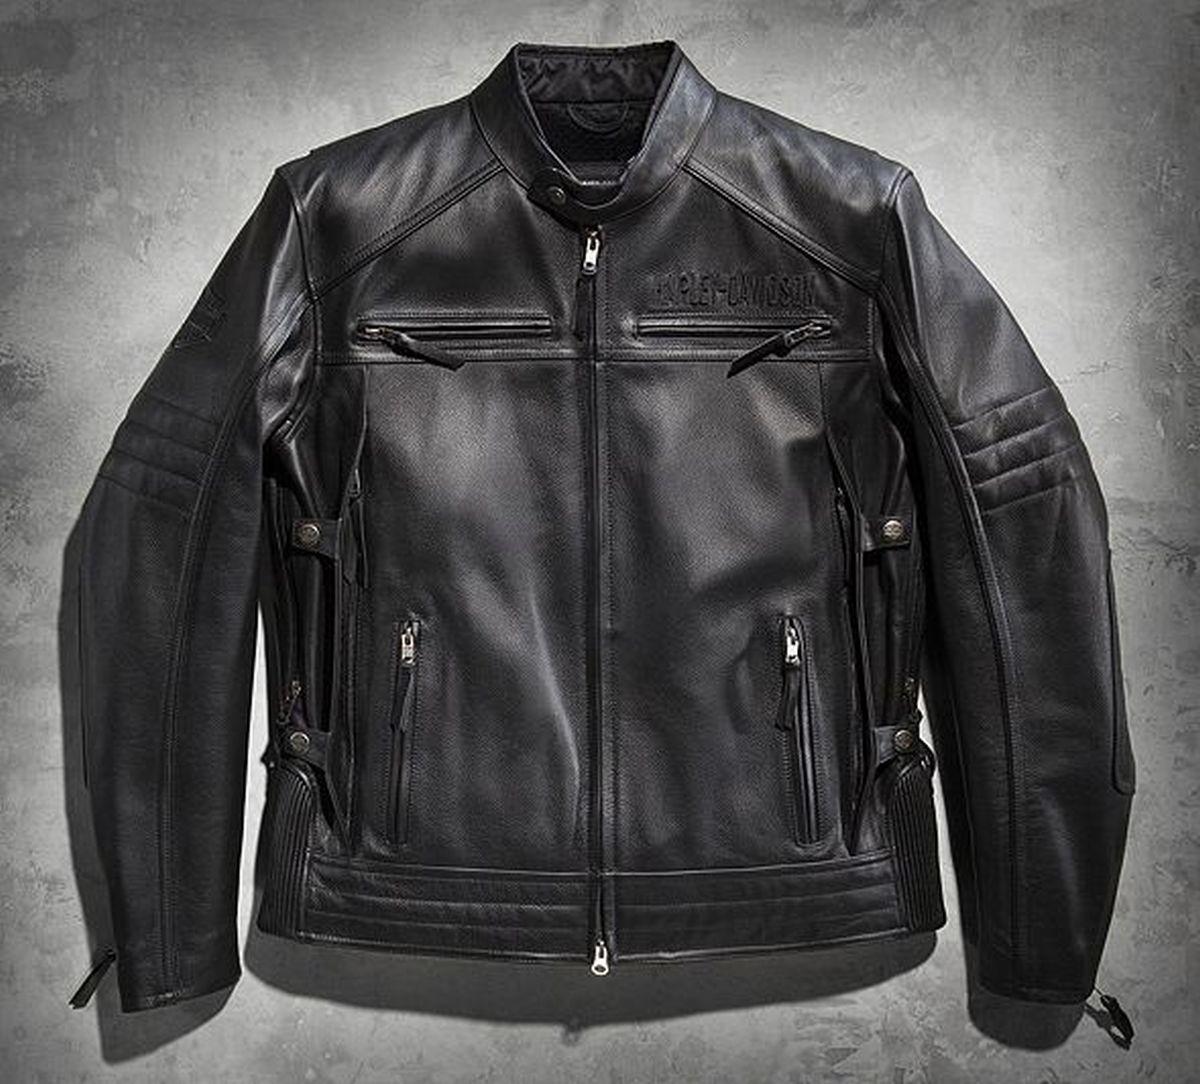 Harley Harley News Jacken Motorrad Harley Motorrad News Motorrad Jacken Jacken News Harley WDH9E2IY